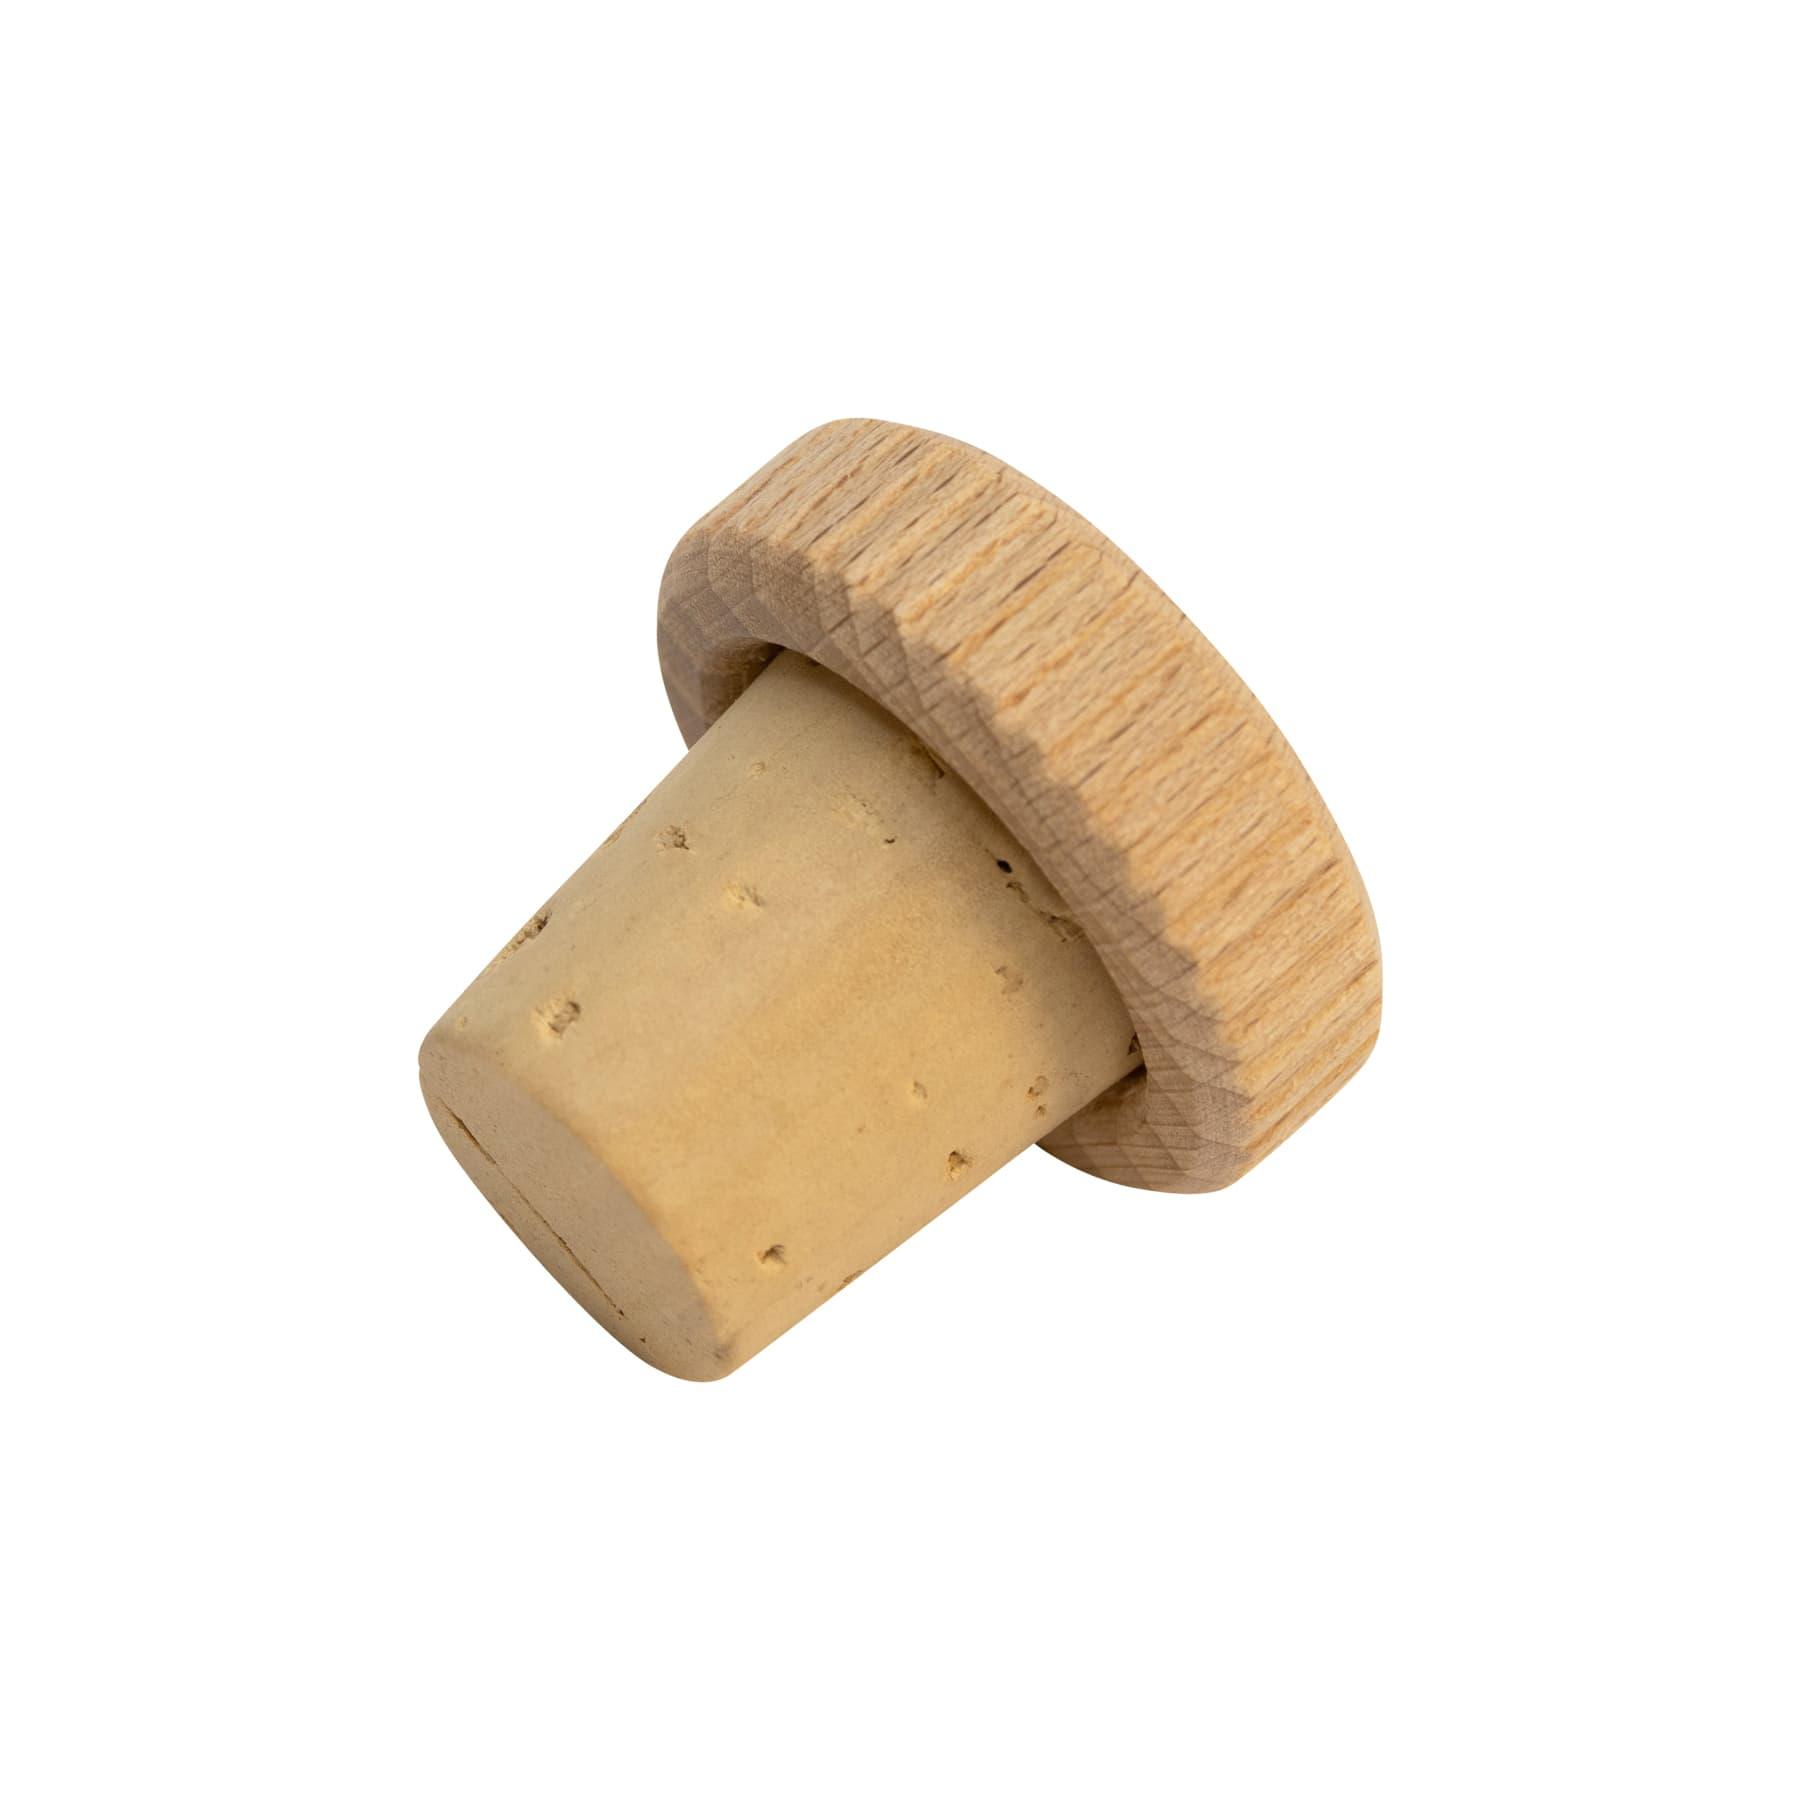 Holz-Griffkork   32 x 10 mm, Kork 24 x 21/17mm z. B. für Steingutflasche,